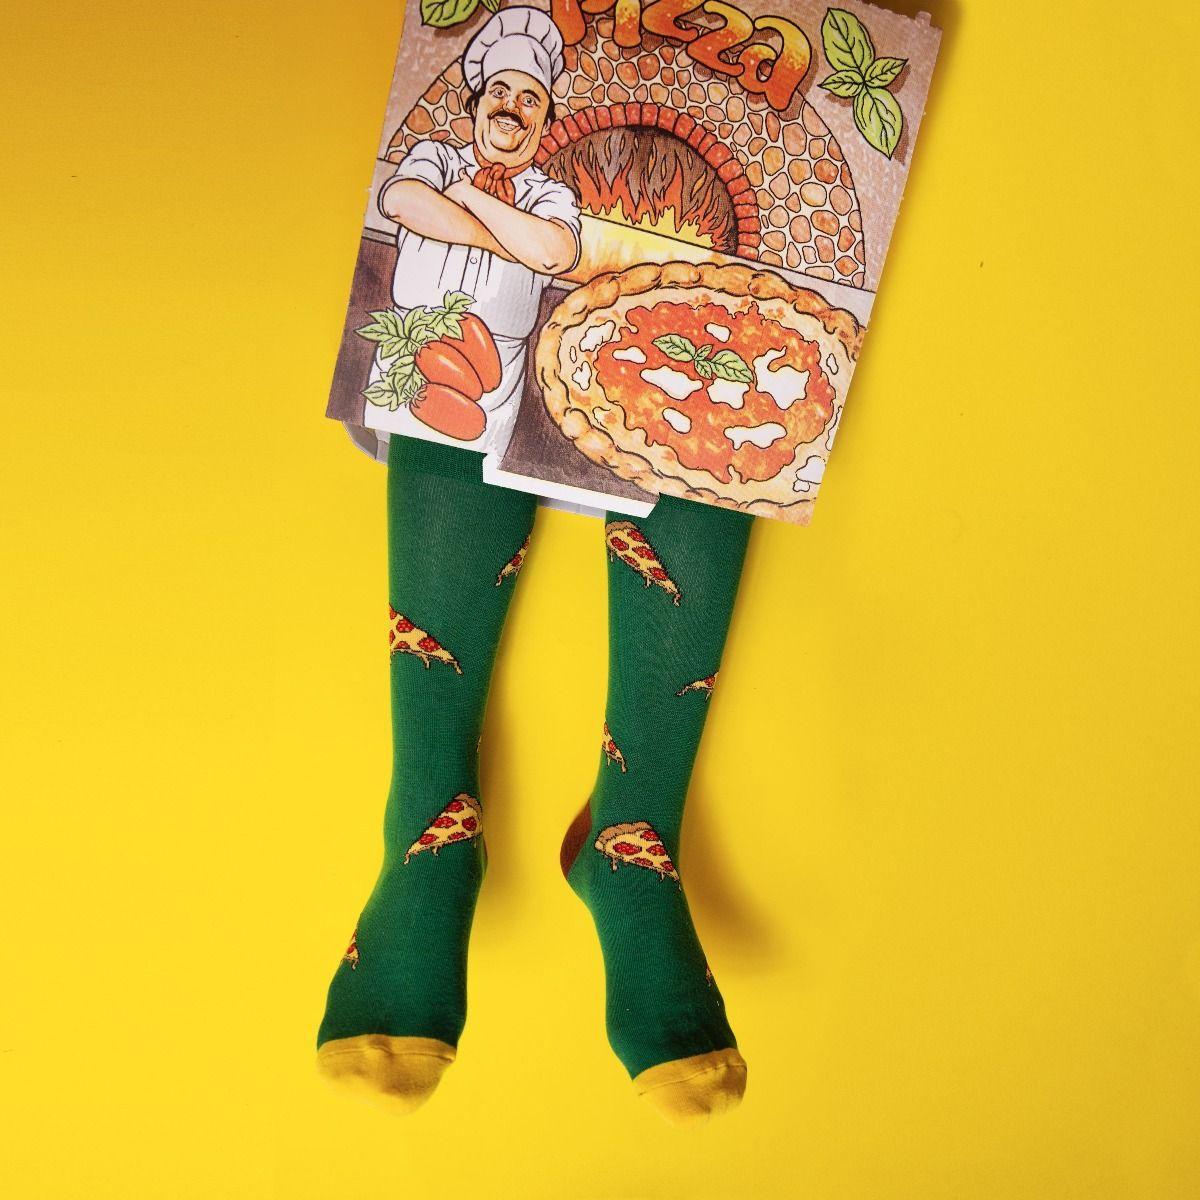 FOOD SOCKS SLICE MY PIZZA